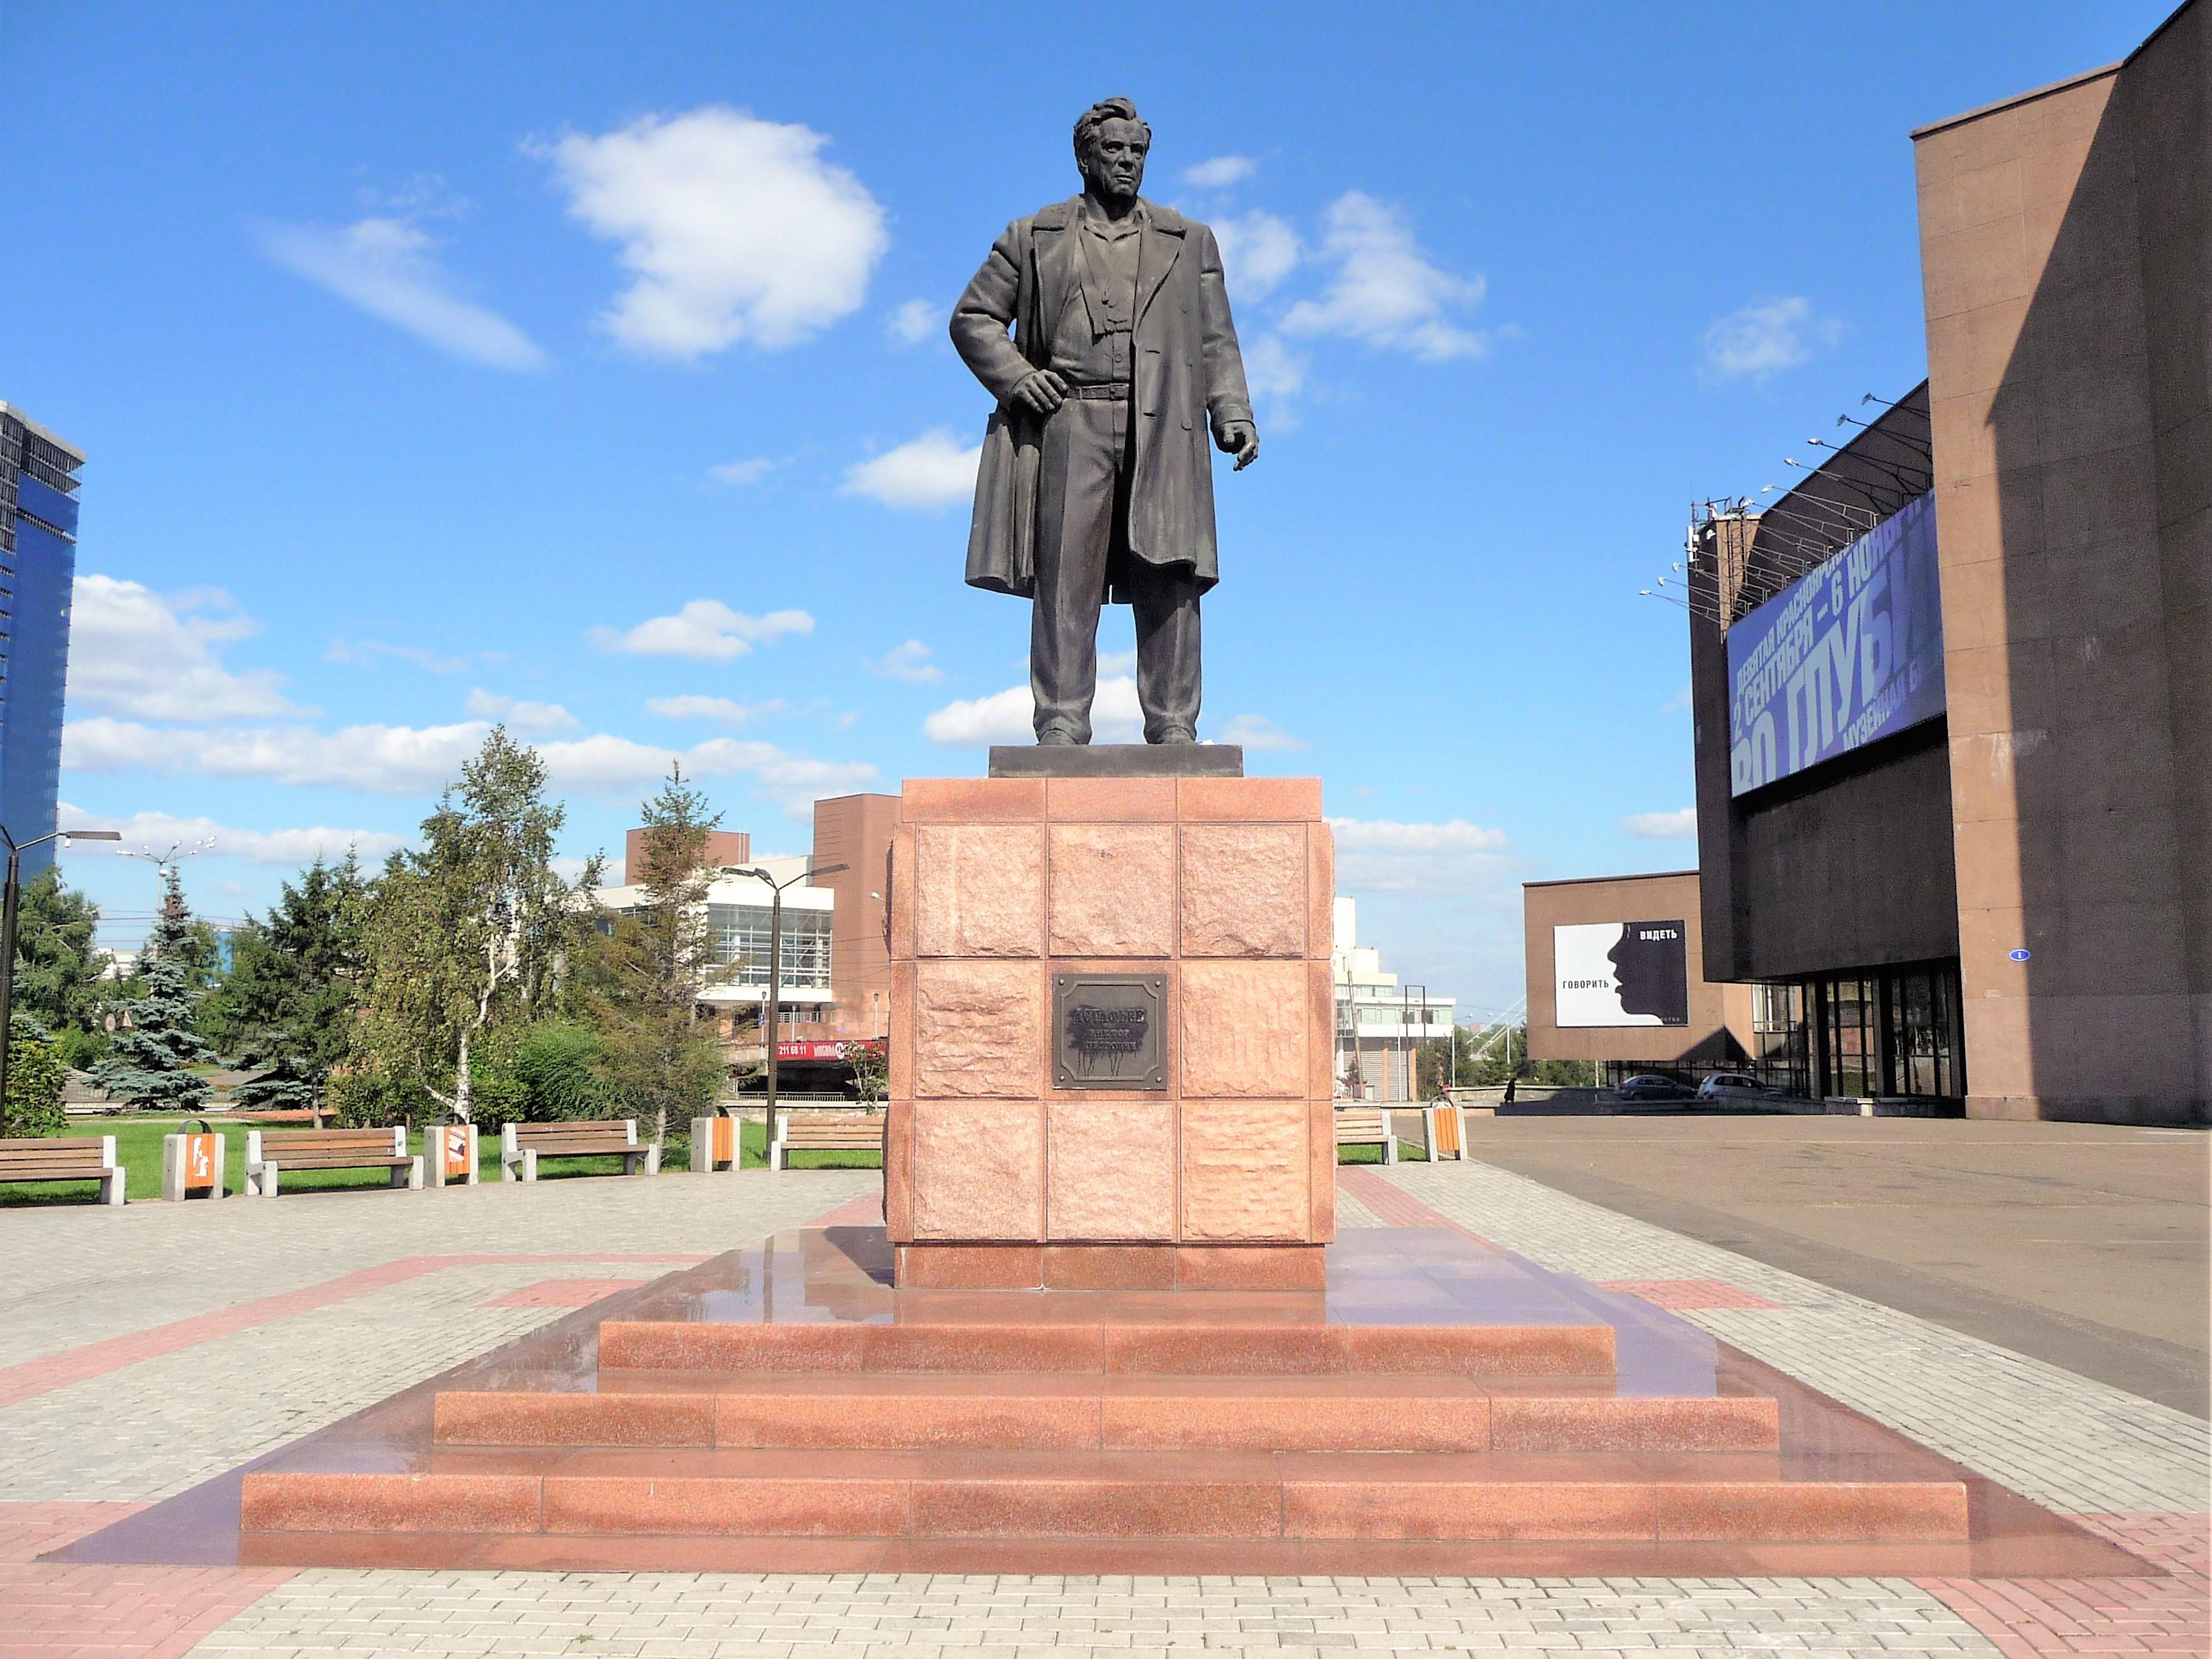 Цена на памятники в новосибирске в Кызыл памятники россия вов 3 3 5